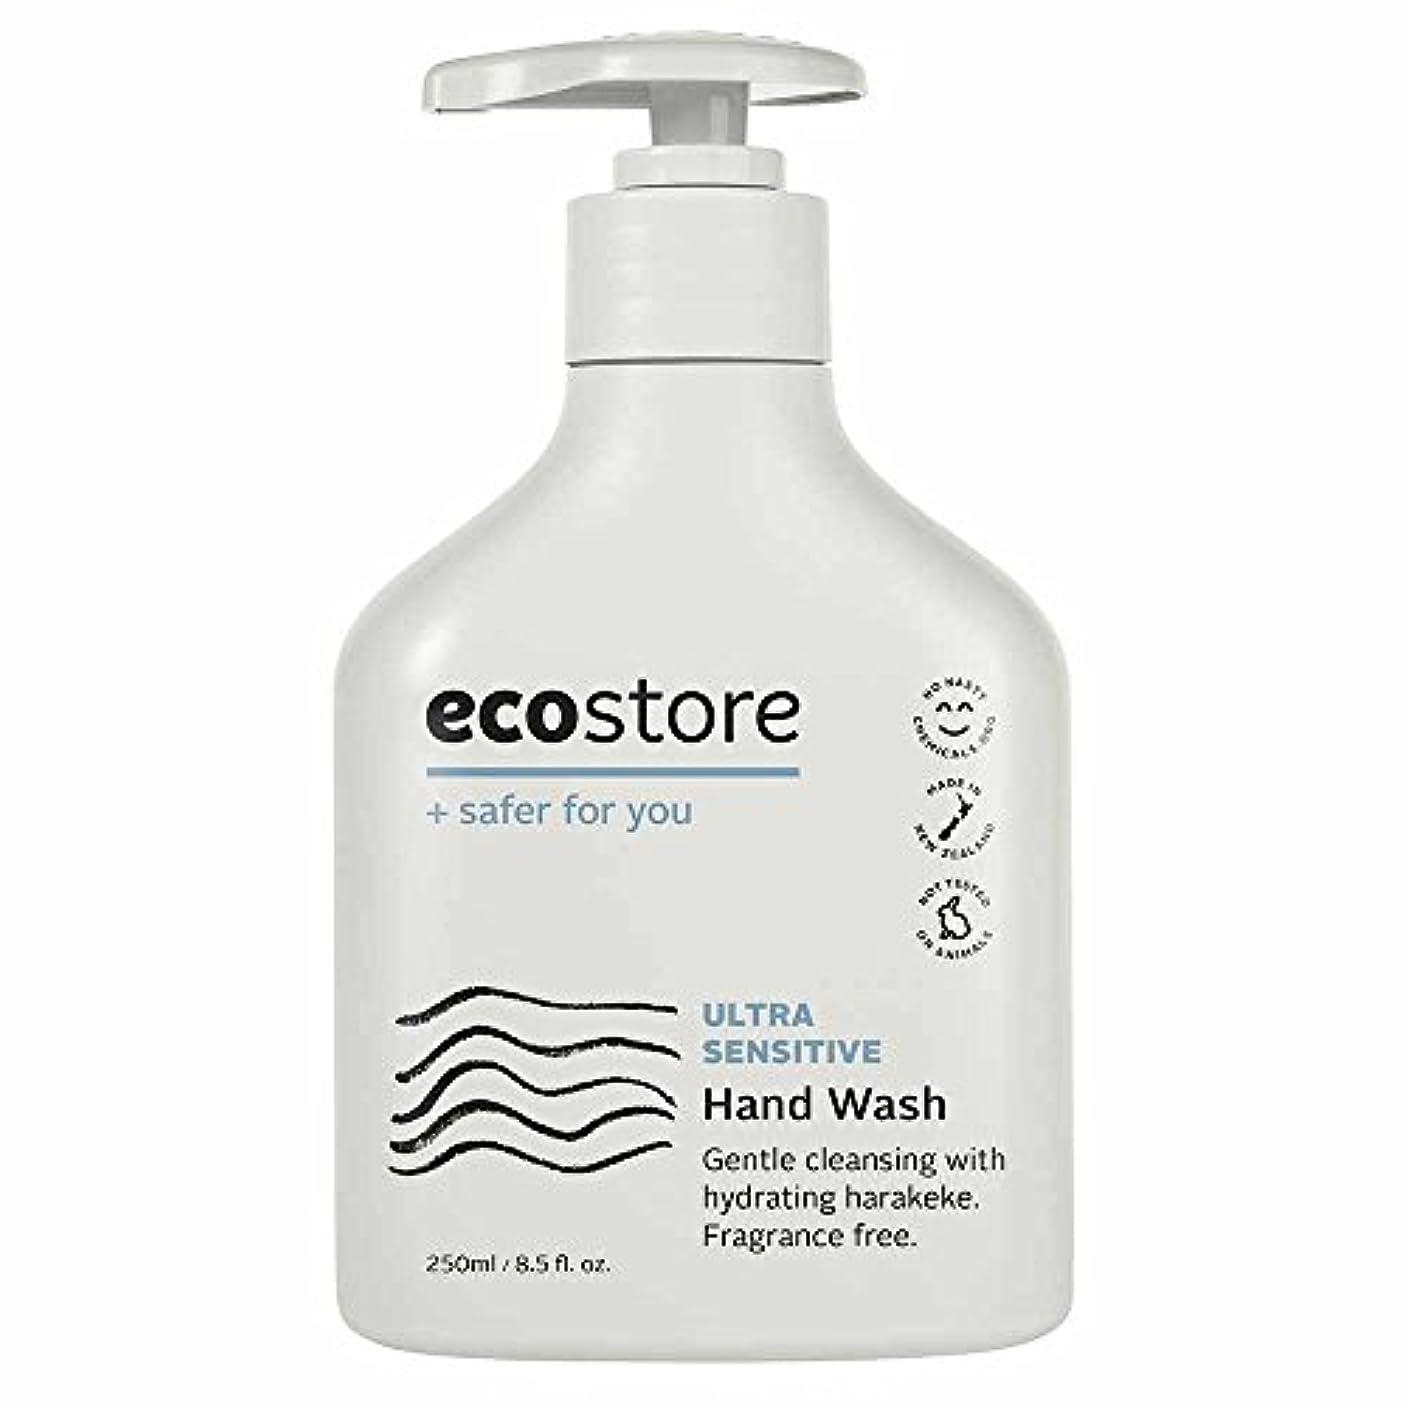 ecostore(エコストア) ハンドウォッシュ 【無香料】 250ml 液体タイプ